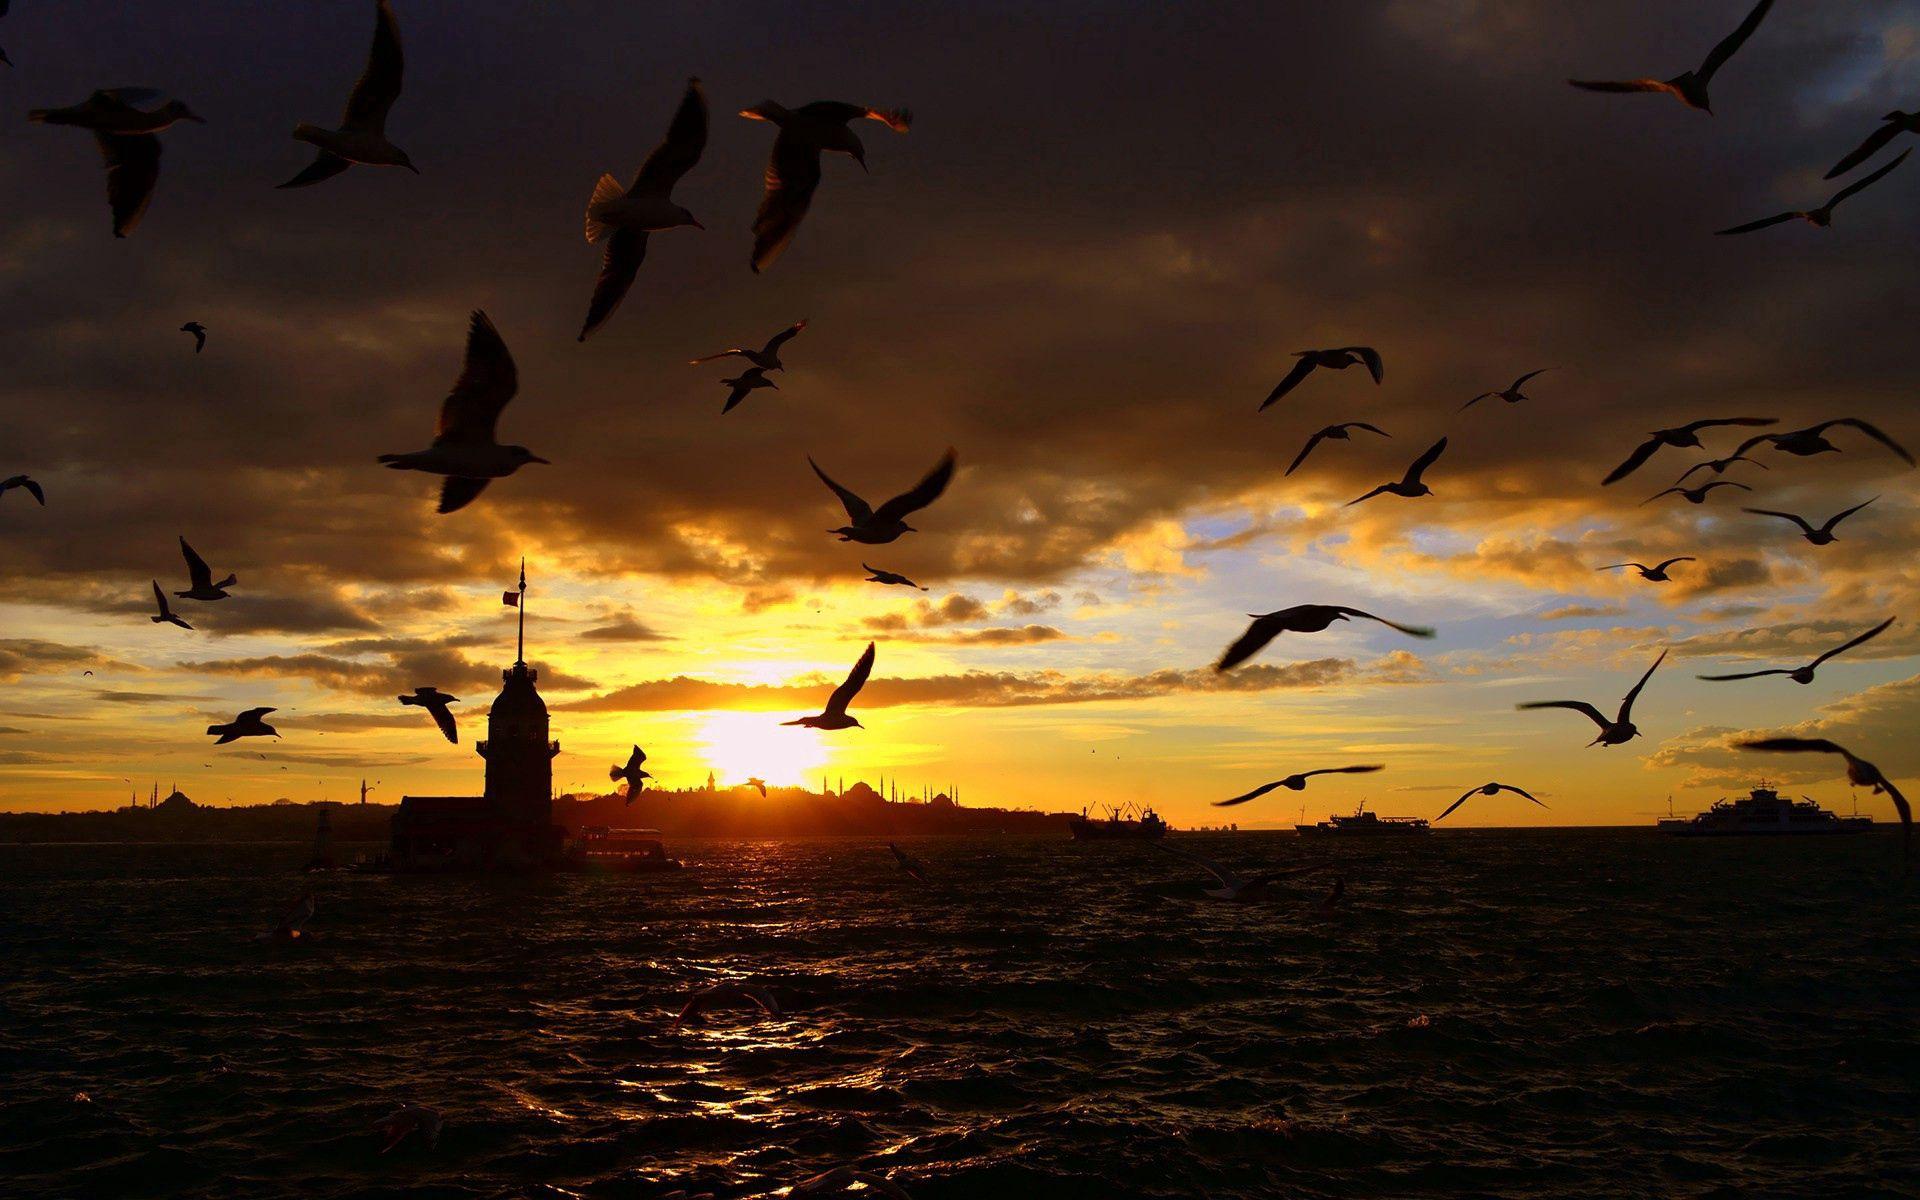 134943 Hintergrundbild herunterladen Vögel, Sea, Übernachtung, Dunkel, Flug - Bildschirmschoner und Bilder kostenlos